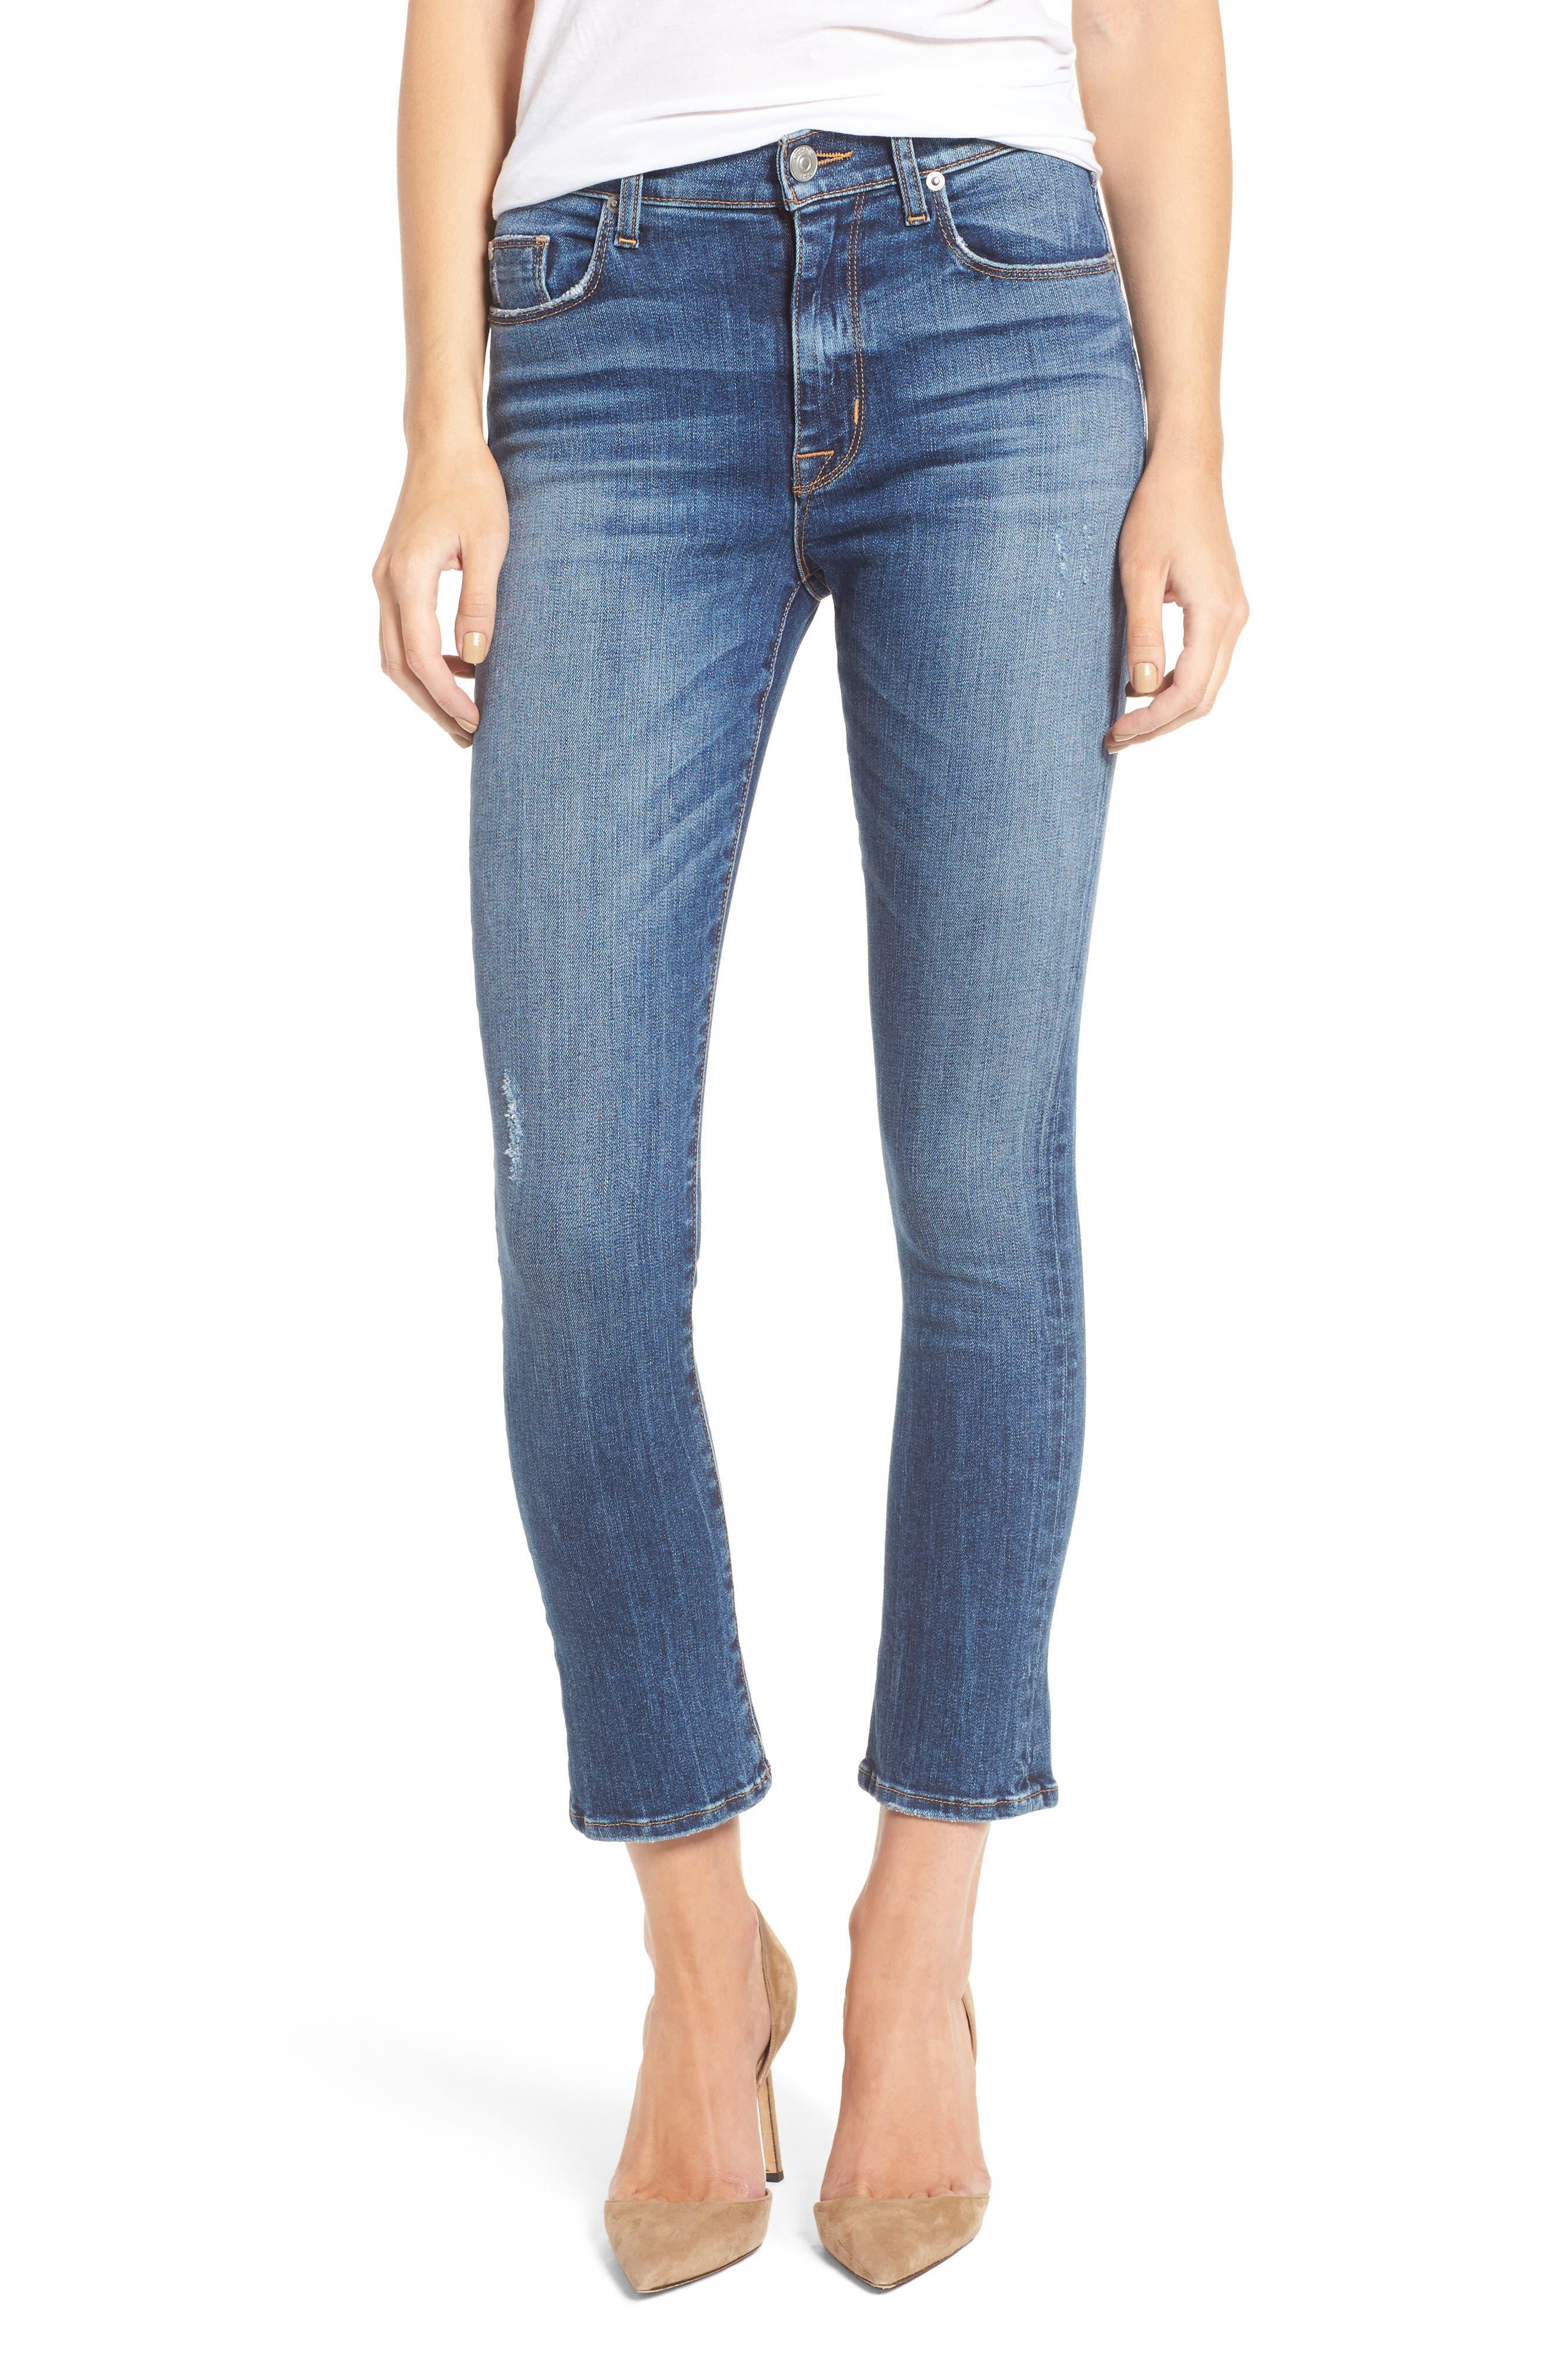 Alternate Image 1 Selected - Hudson Jeans Harper High Waist Crop Flare Jeans (Lifeline)